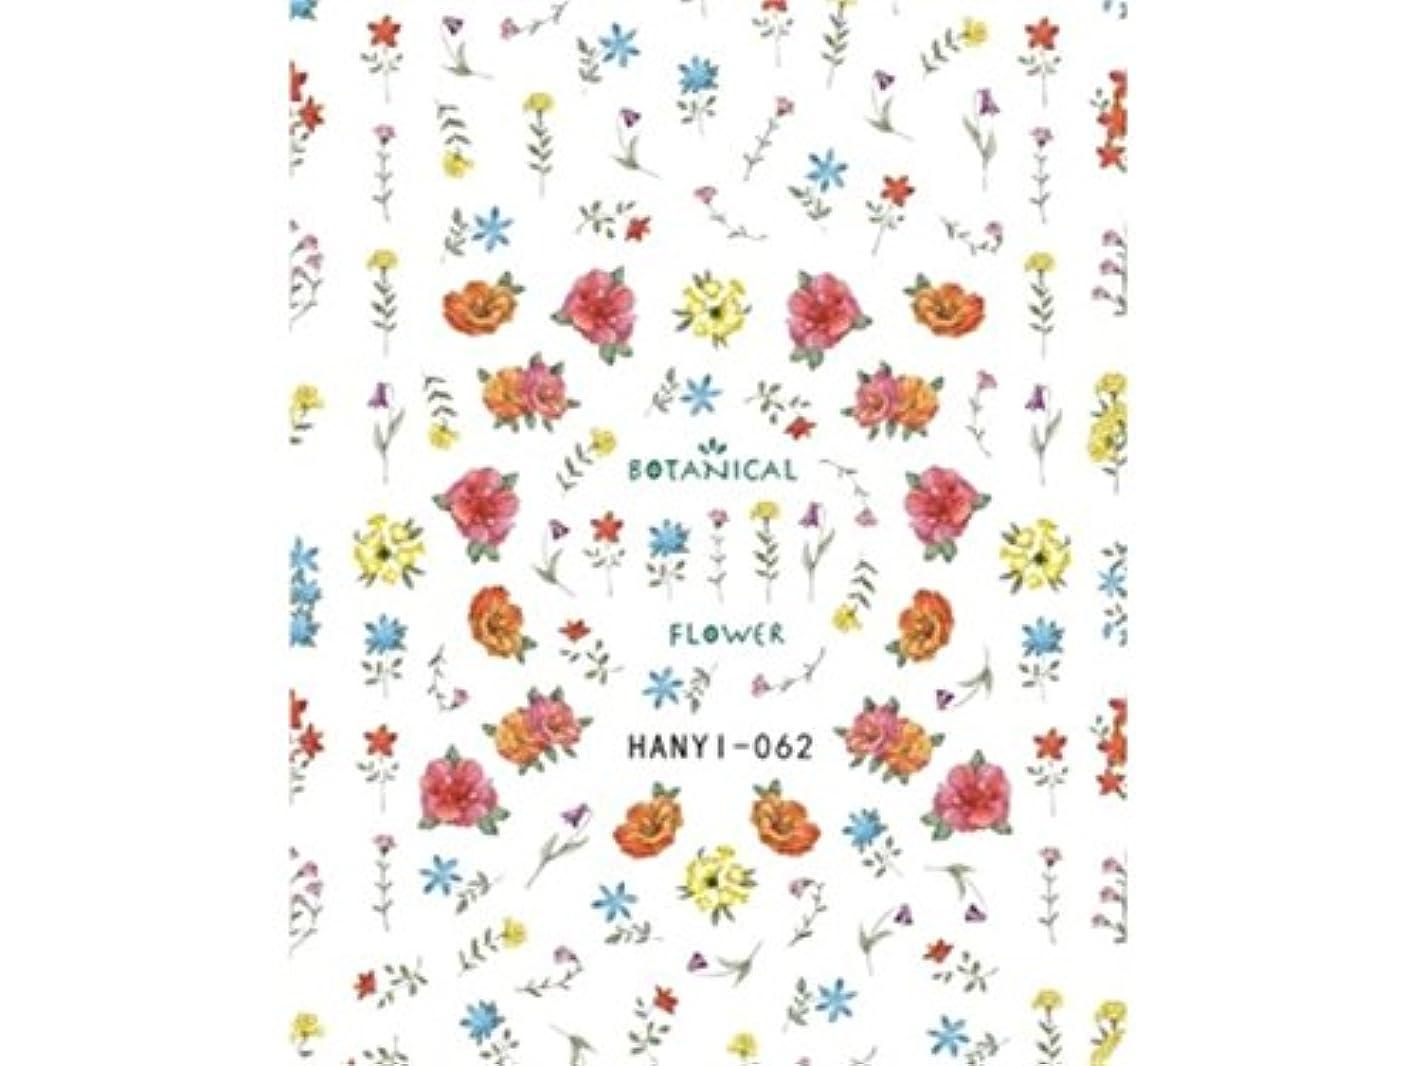 乱暴なネックレットミリメートルOsize ファッションカラフルな花ネイルアートステッカー水転送ネイルステッカーネイルアクセサリー(示されているように)